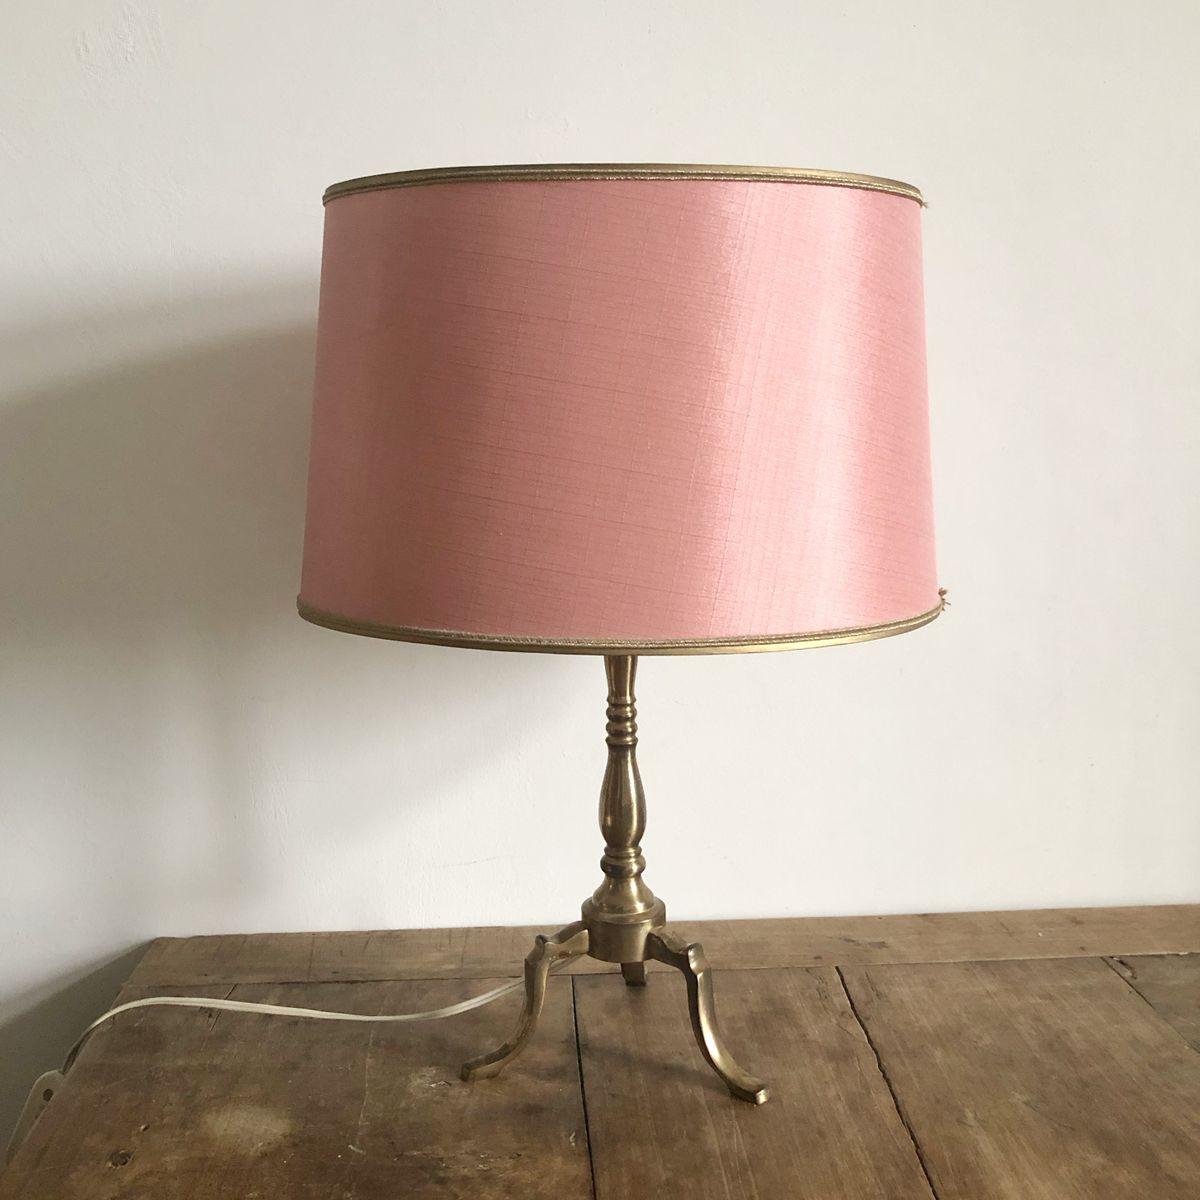 Pinke Vintage Tischlampe, 1960er